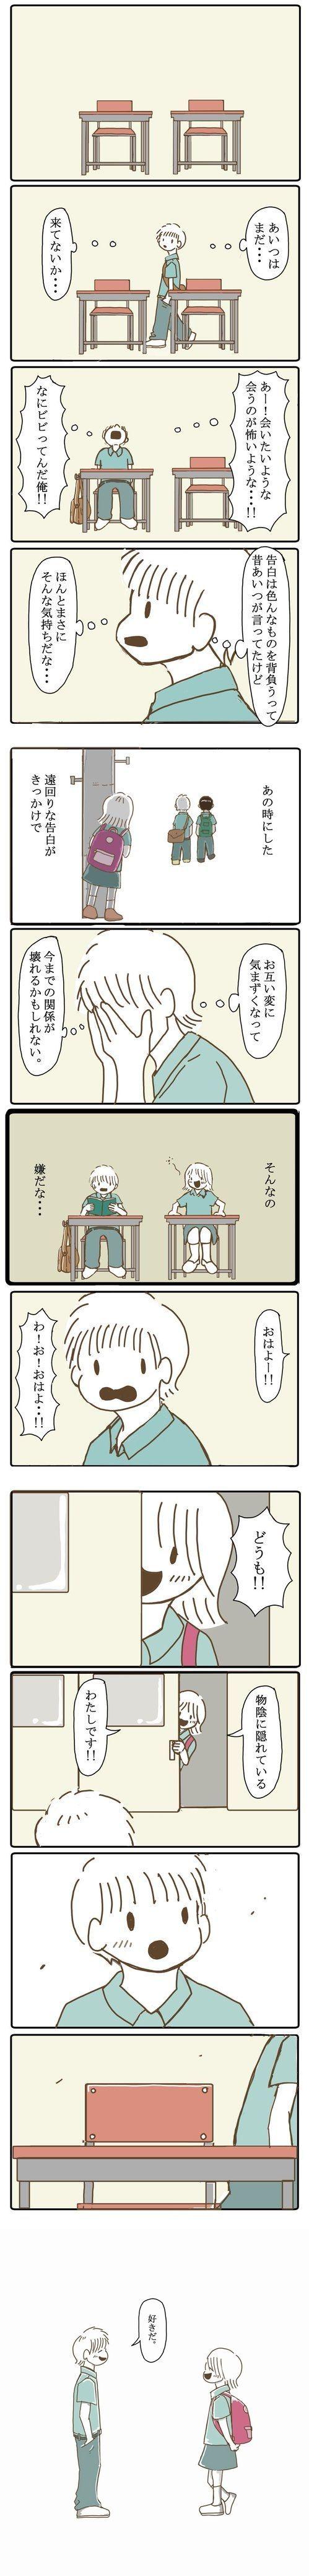 月曜日に投稿された漫画